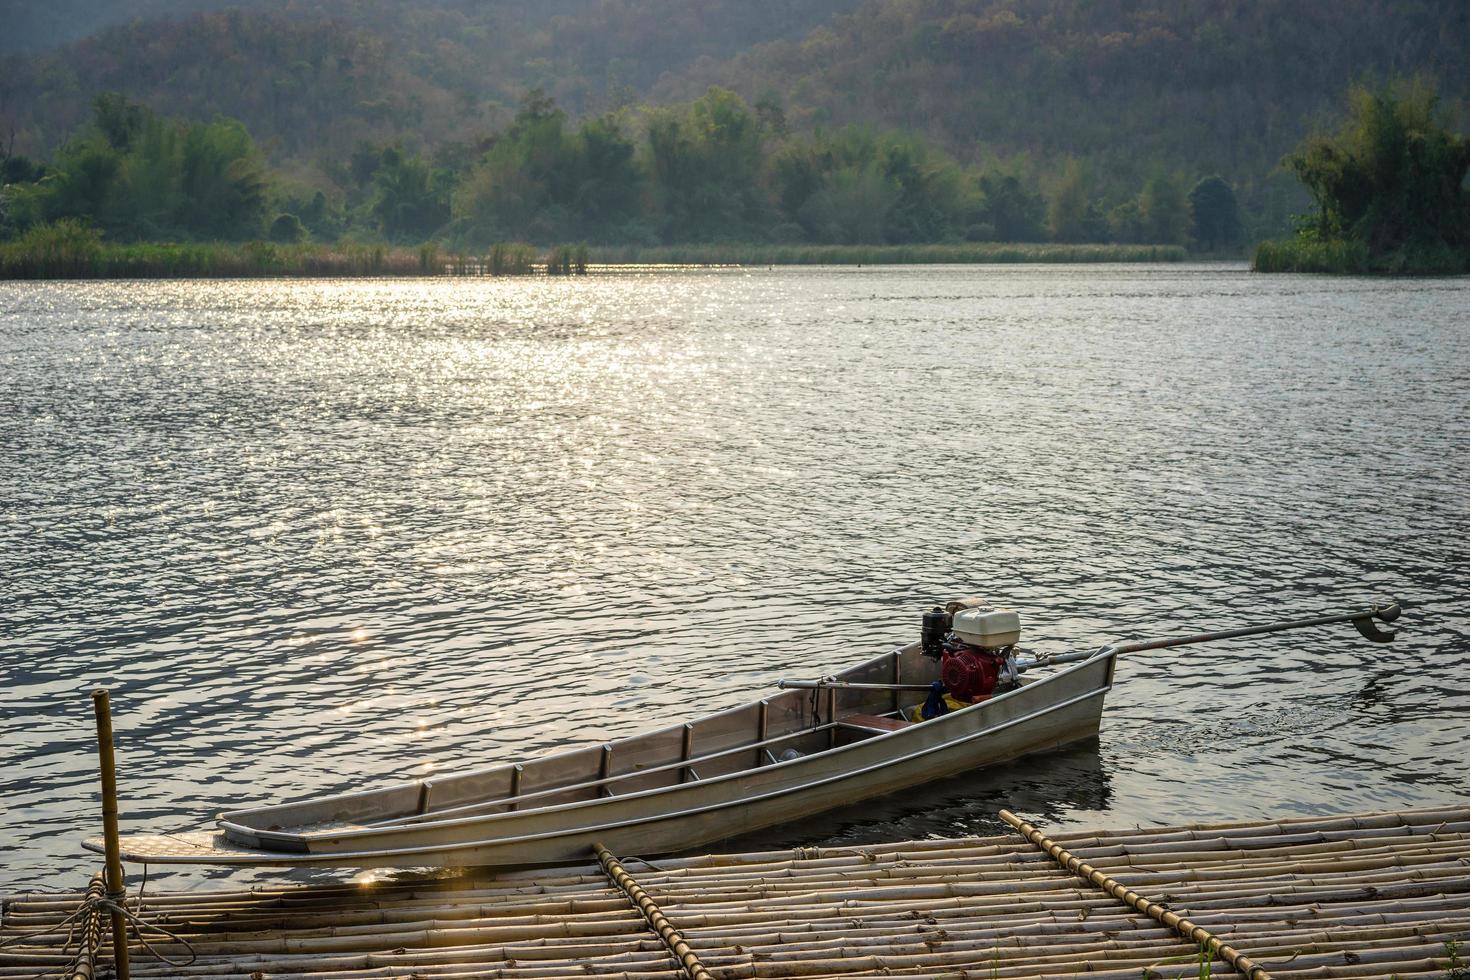 båt vid brygga vid sjön foto